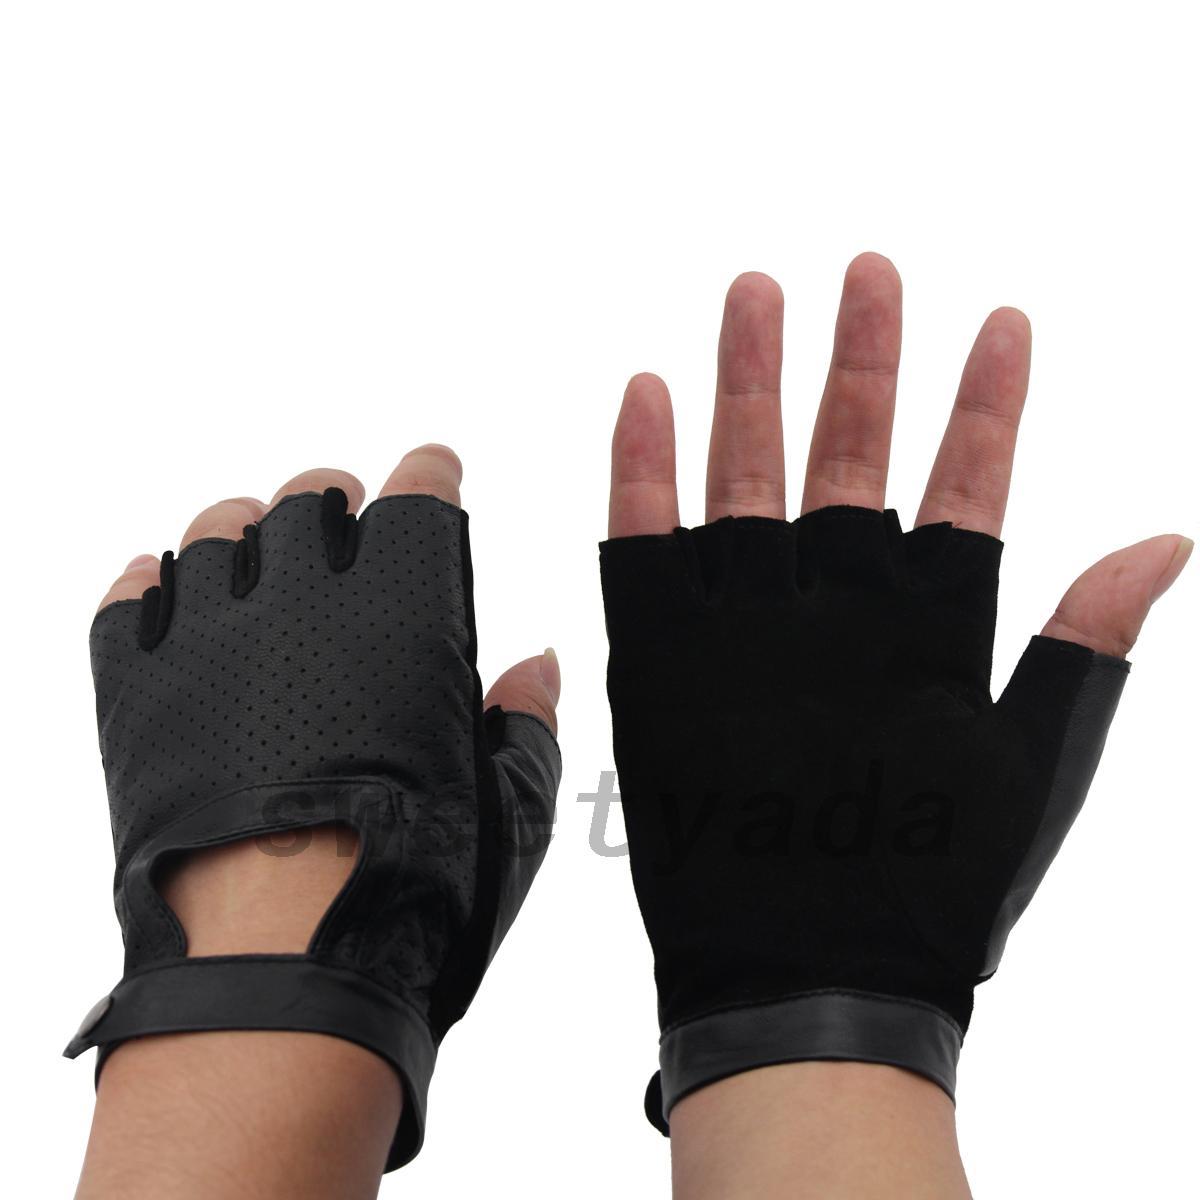 Fingerless driving gloves ebay - Real Leather Sheepskin Fingerless Driving Gloves Motorcycle Biker